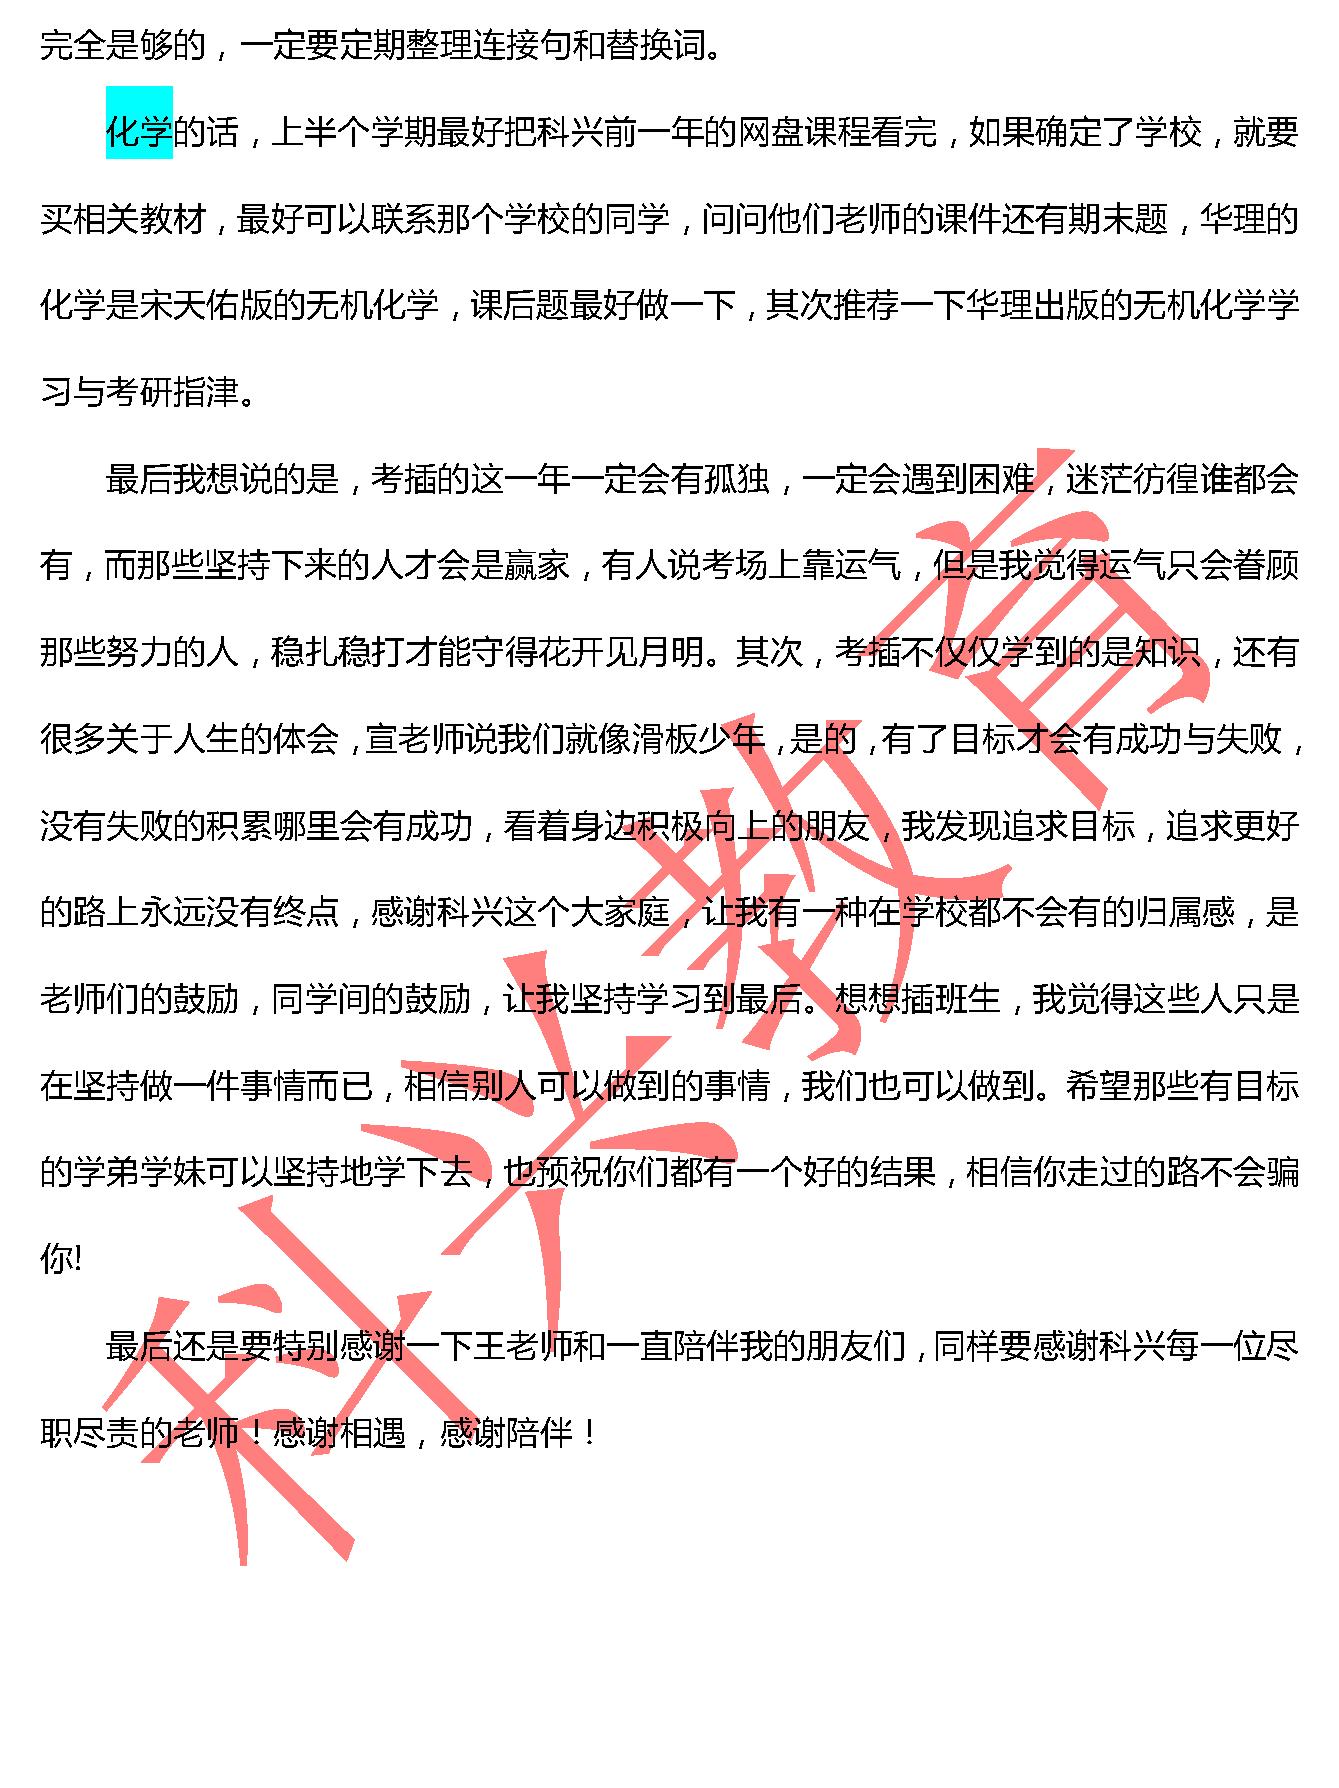 华理赵菲:你走过的路不会骗你(18届)